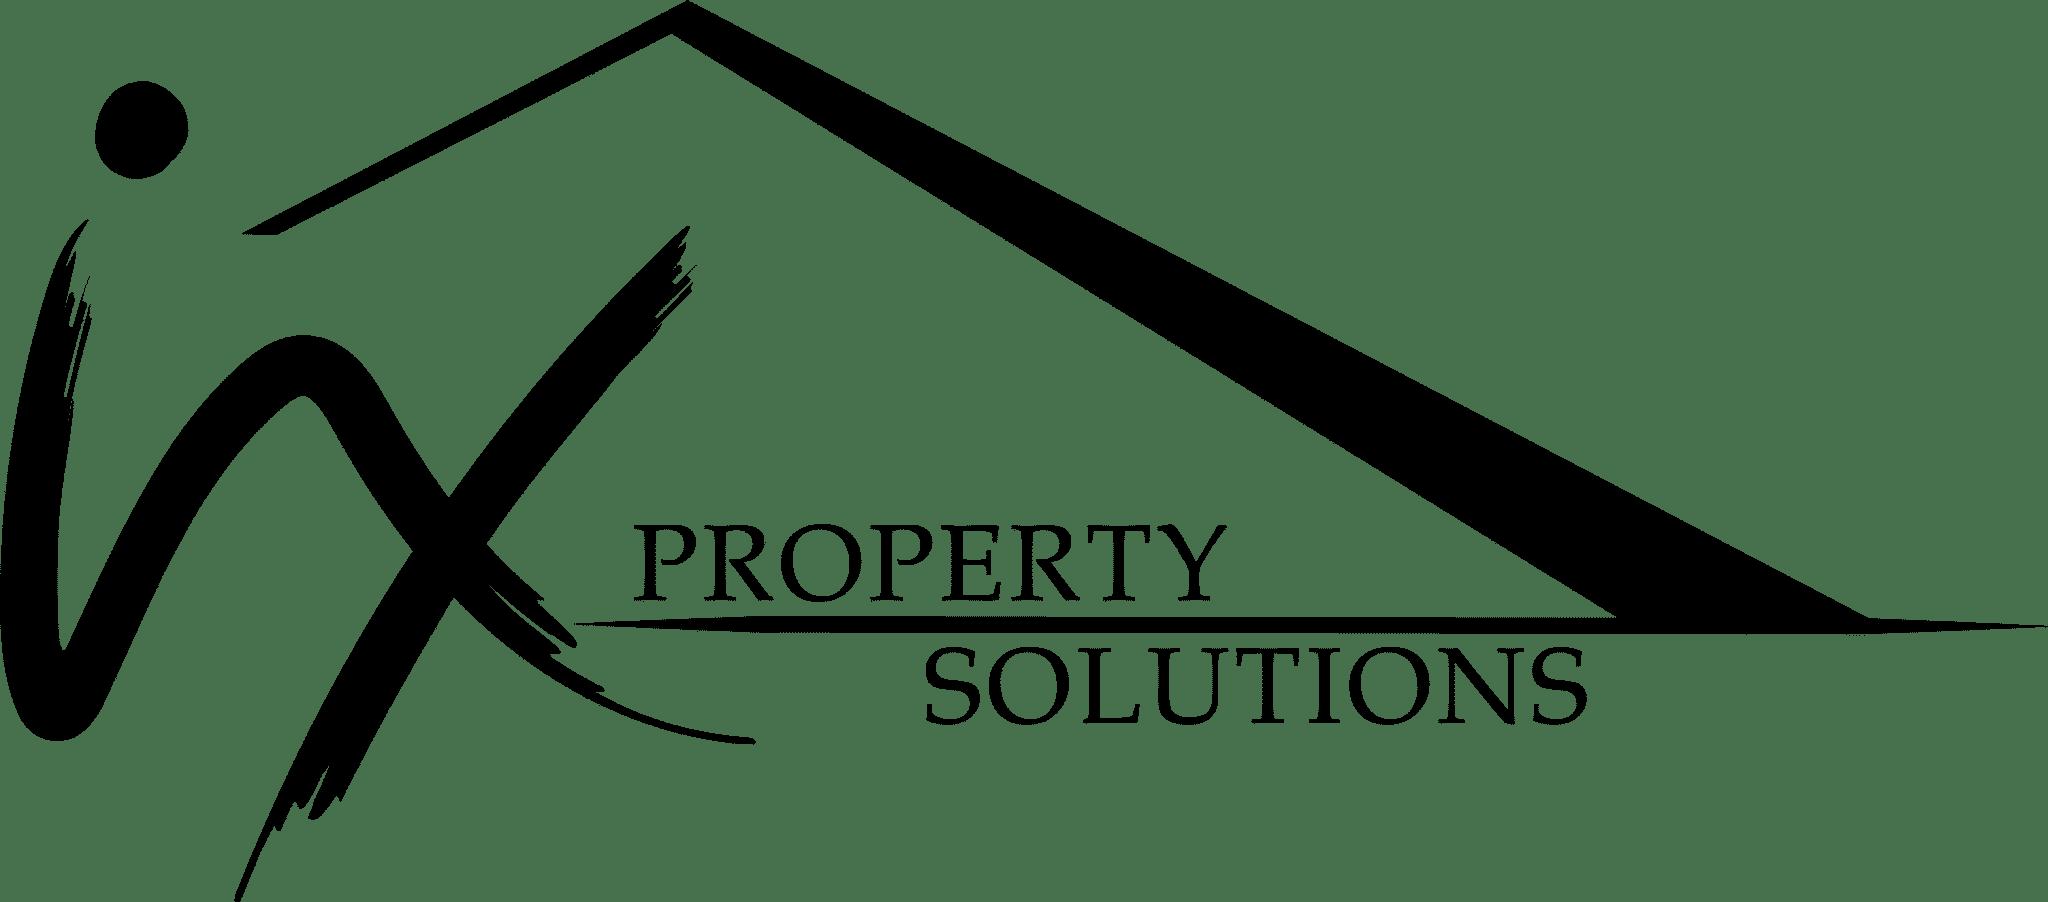 IX Property Solutions